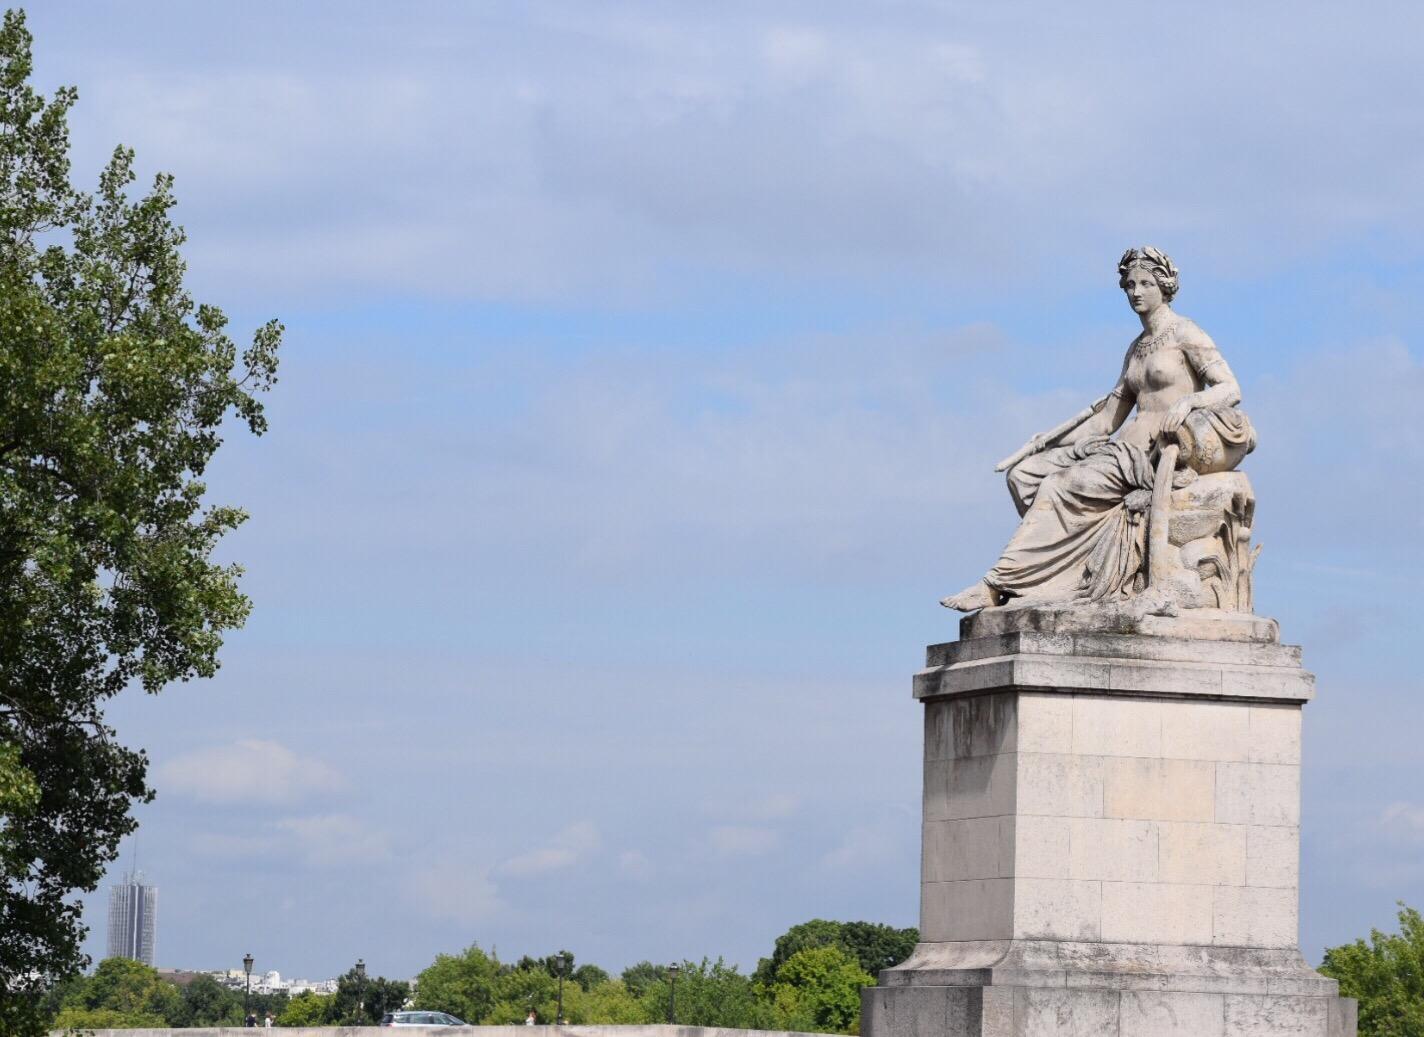 Parisian Statue